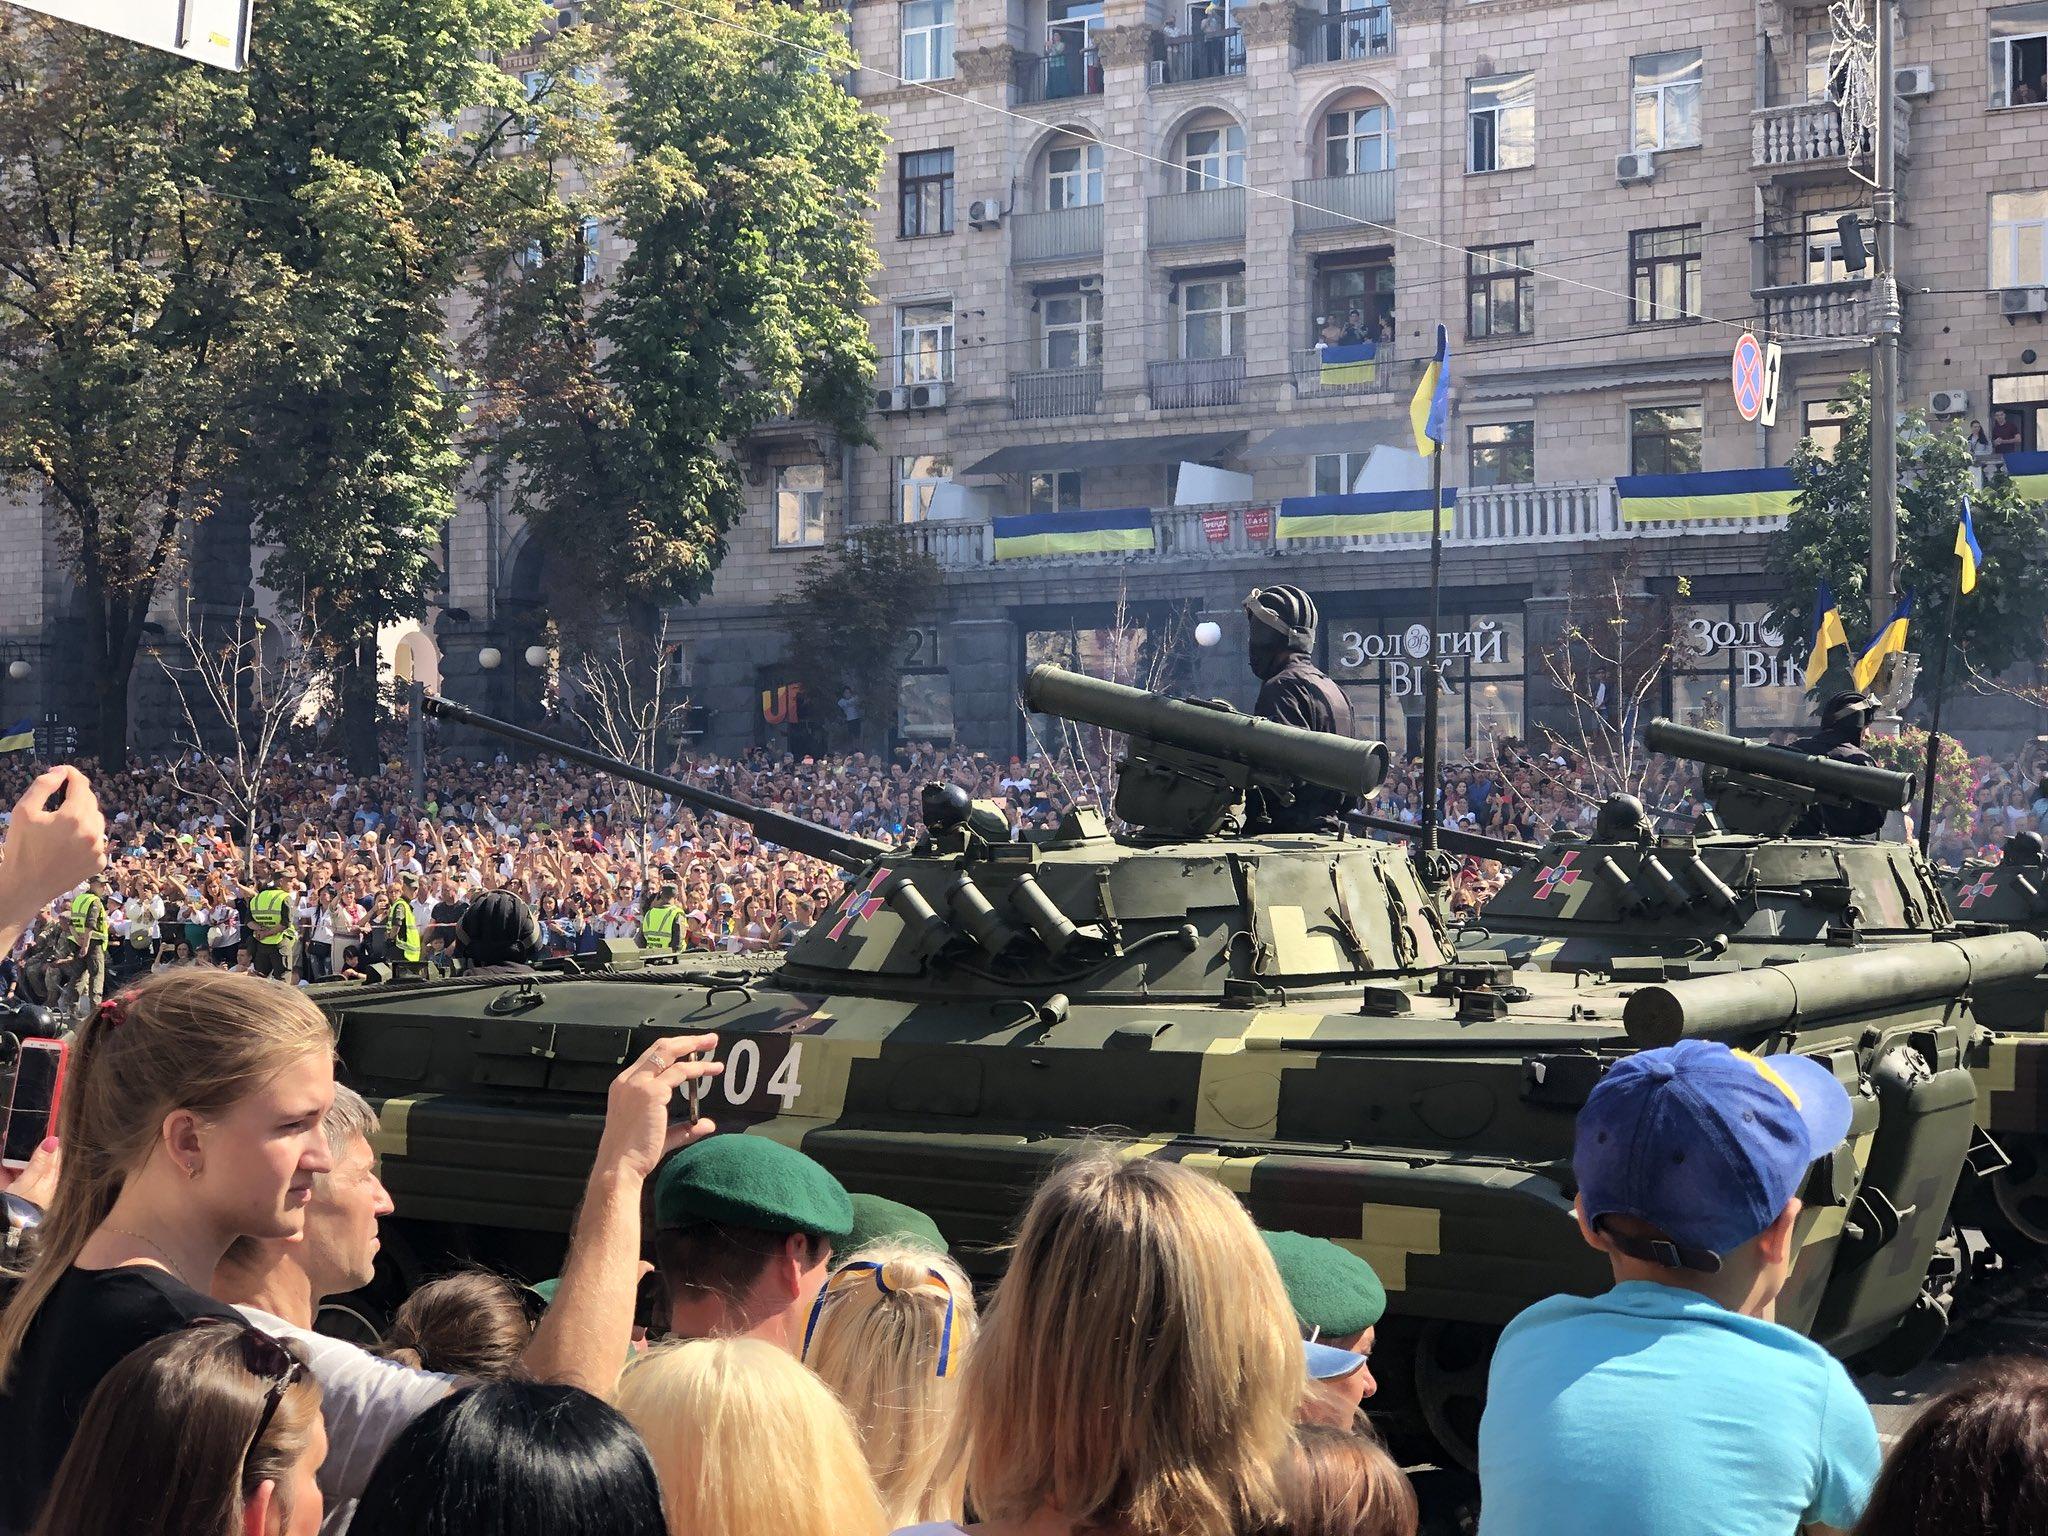 Марш захисників України в Києві завершився - Цензор.НЕТ 9328